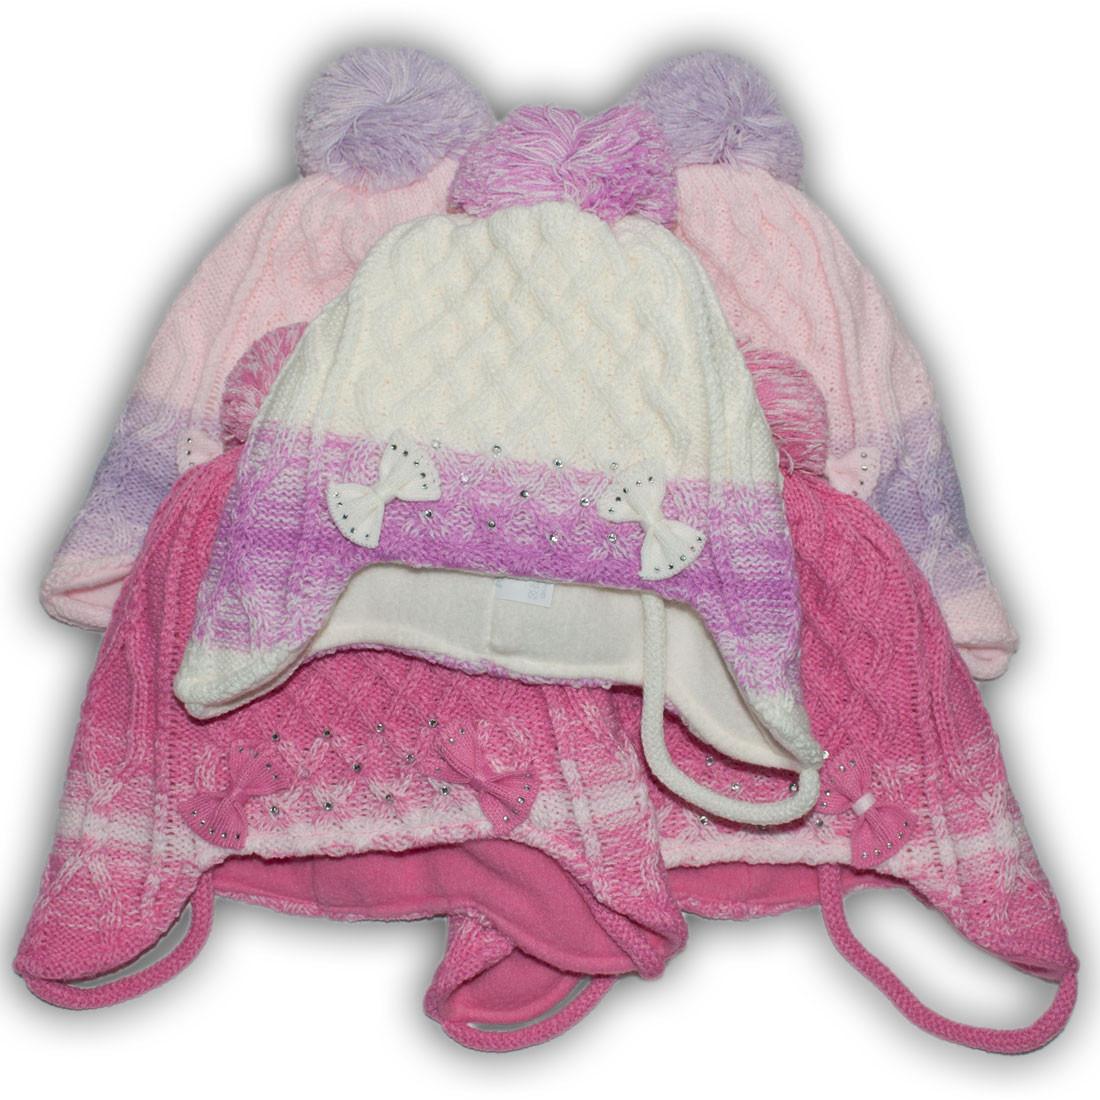 Комплект (шапка + шарф) Польского производителя Ambra с подкладкой флис, модель E4